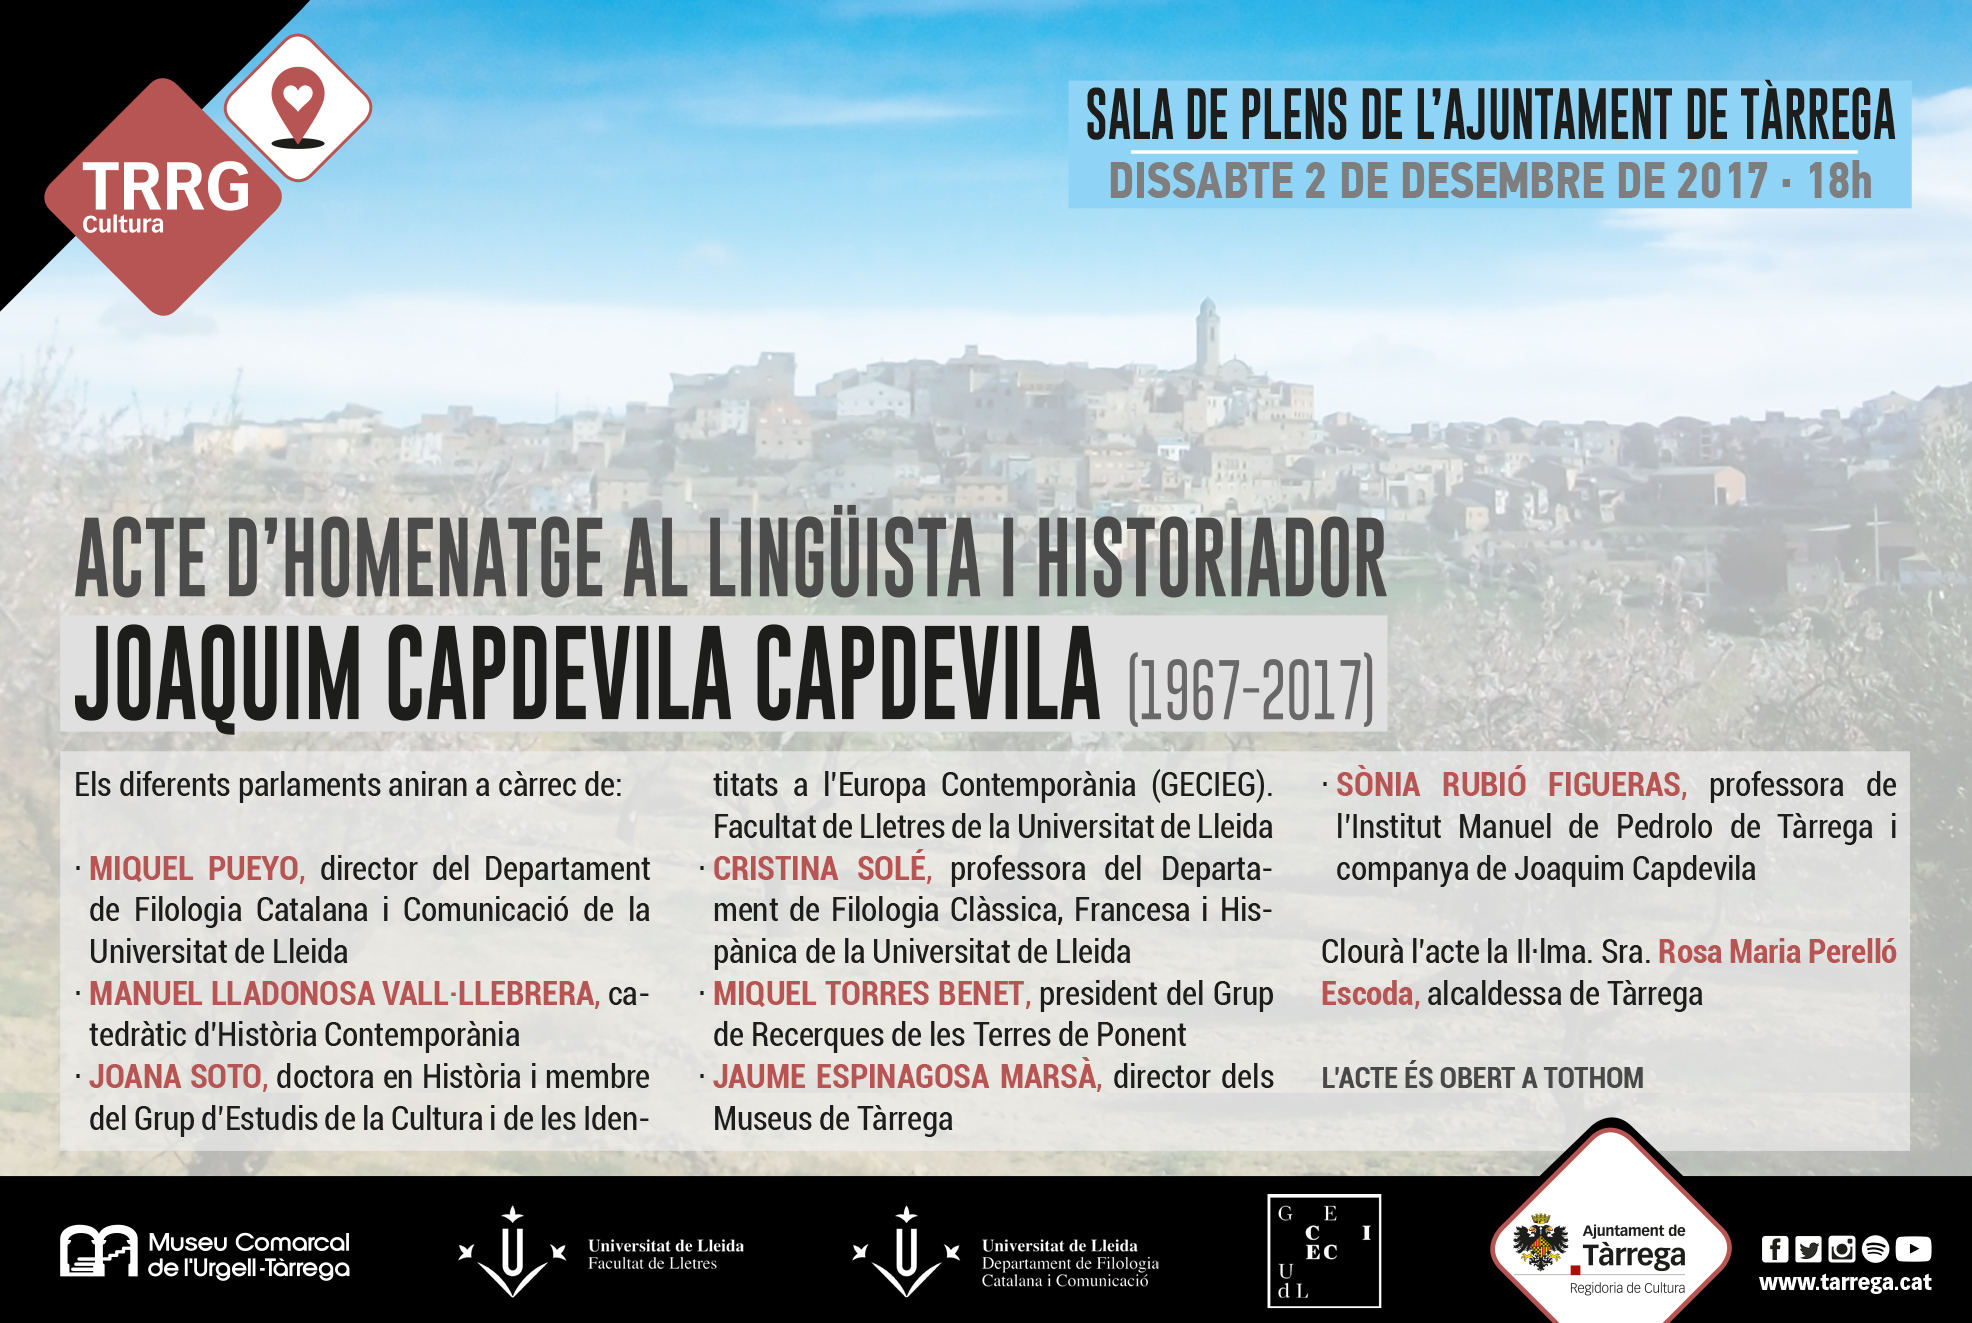 La Universitat de Lleida i el Museu Comarcal de l'Urgell – Tàrrega tributaran un homenatge pòstum al lingüista i historiador Joaquim Capdevila